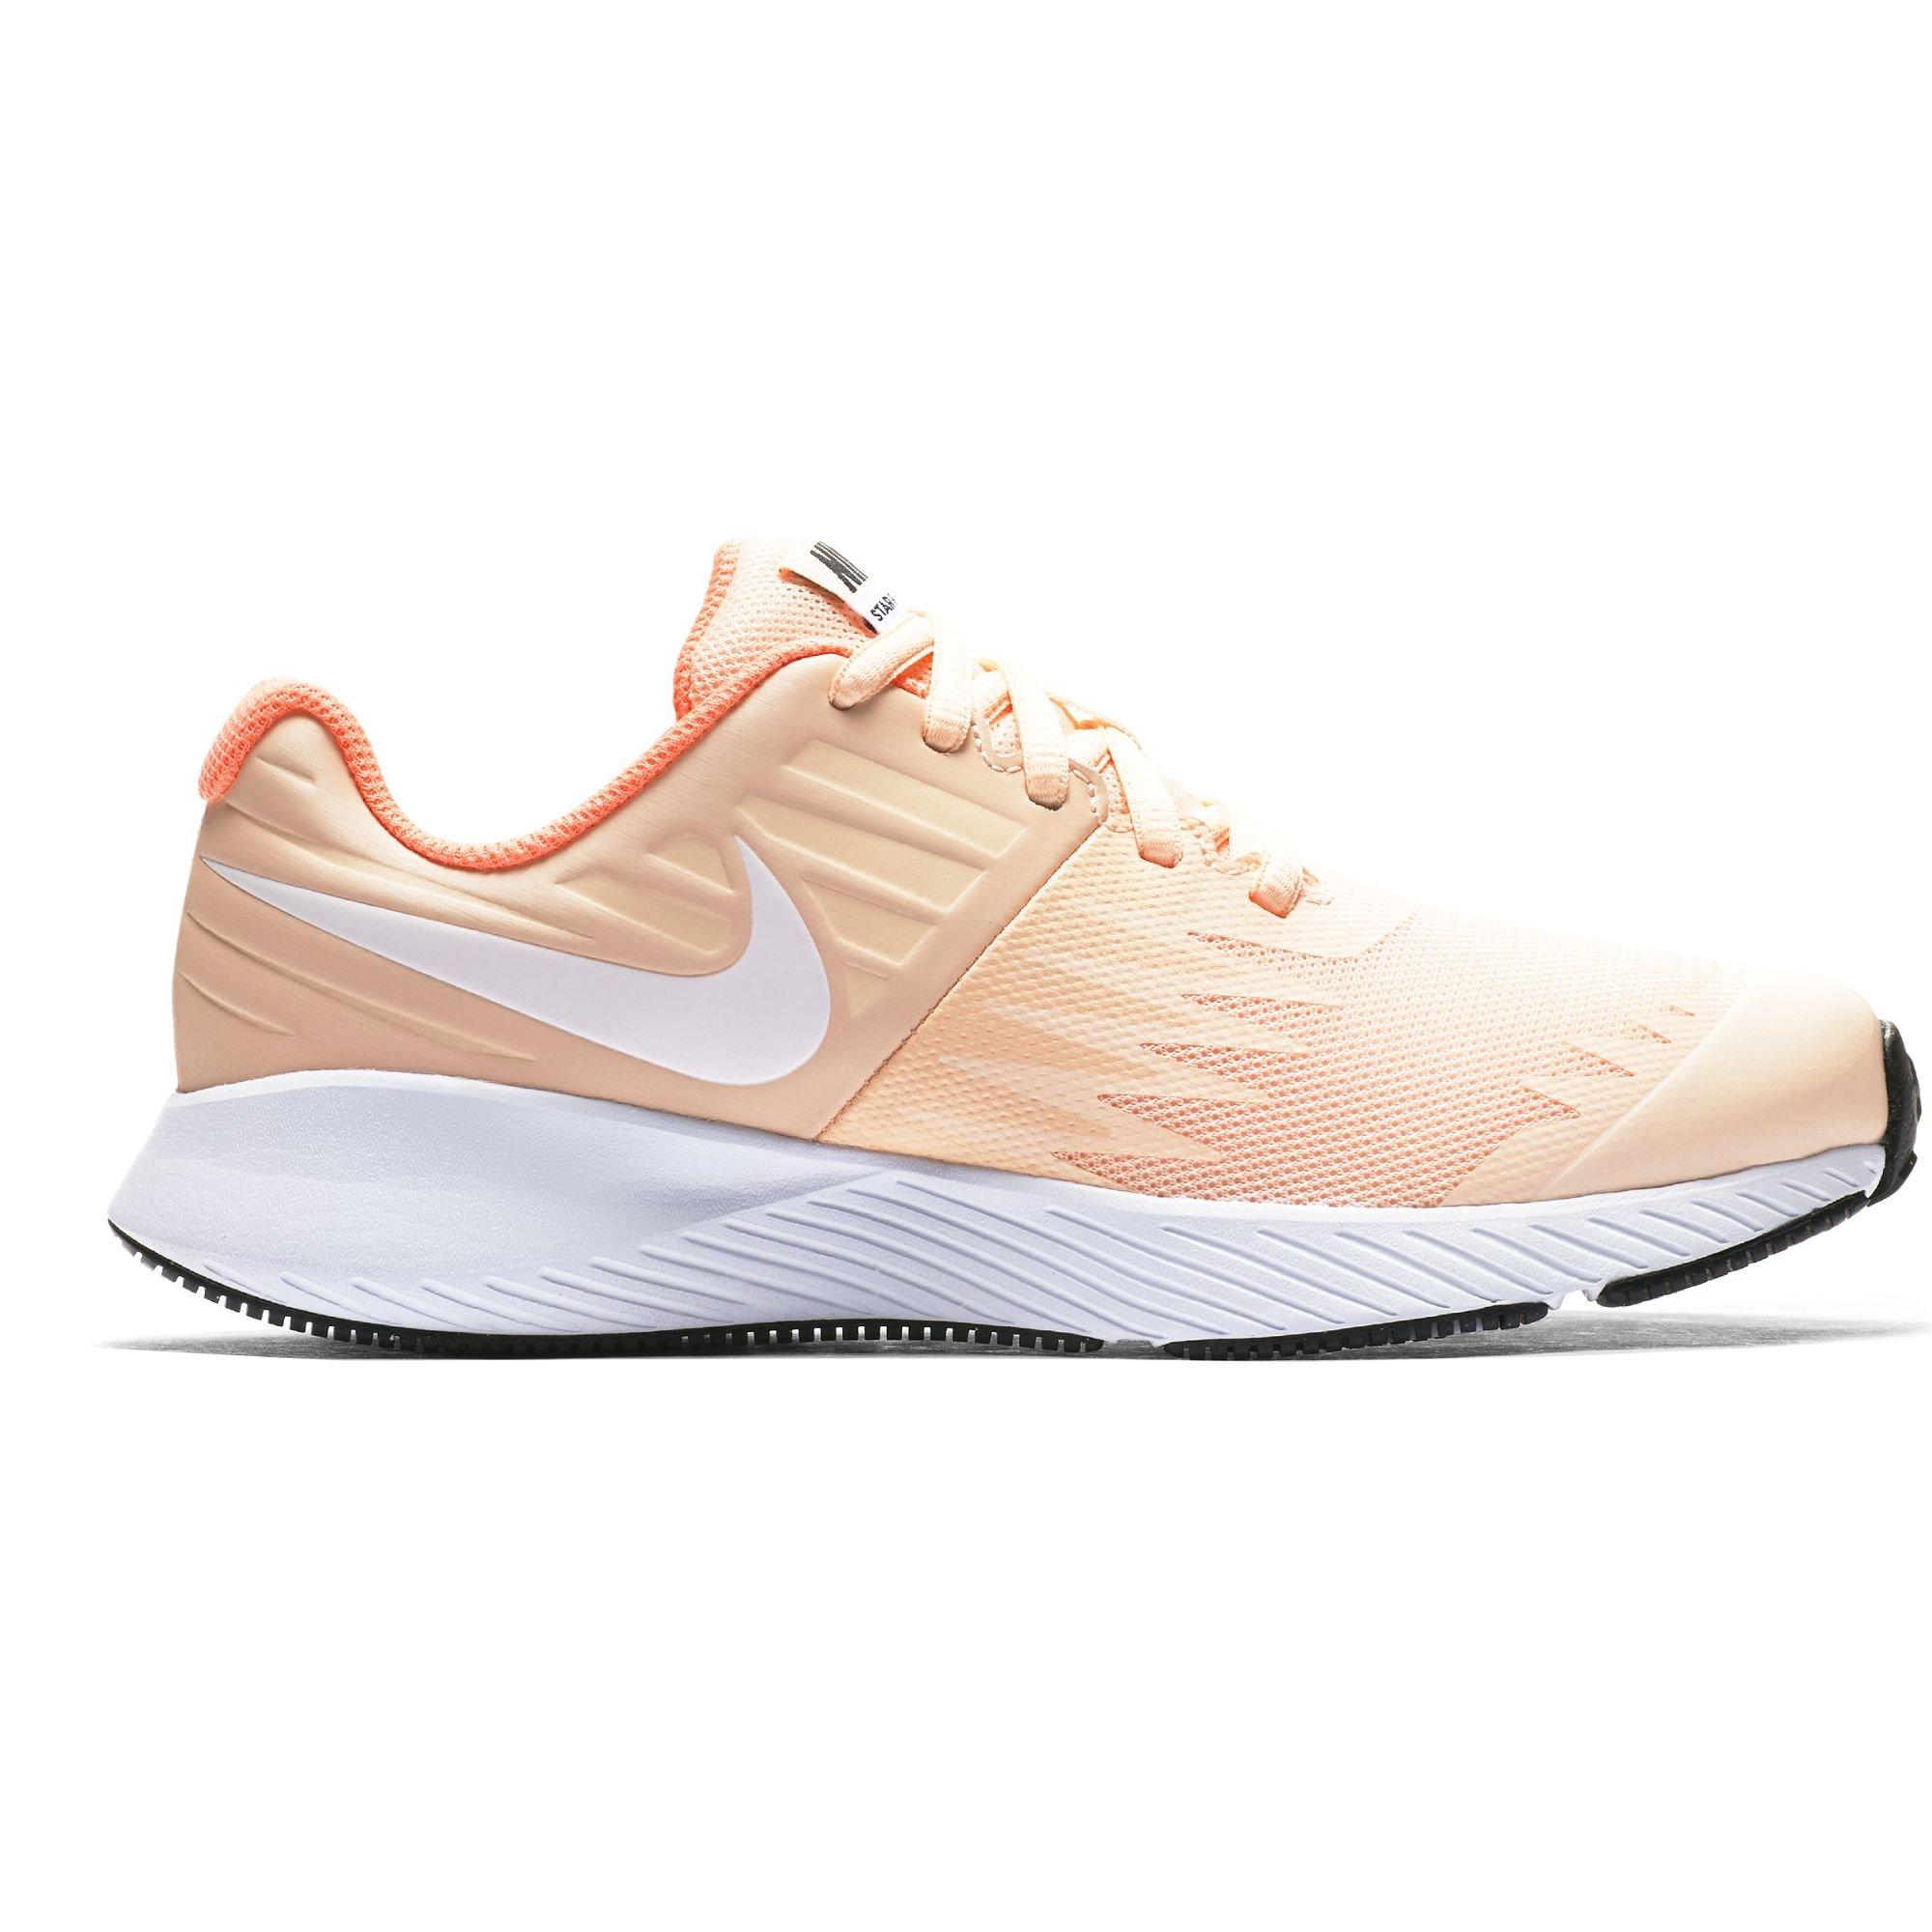 Nike Girl's Star Runner (GS) Running Shoe Crimson Tint/White/Crimson Pulse/Black Size 3.5 M US by Nike (Image #1)